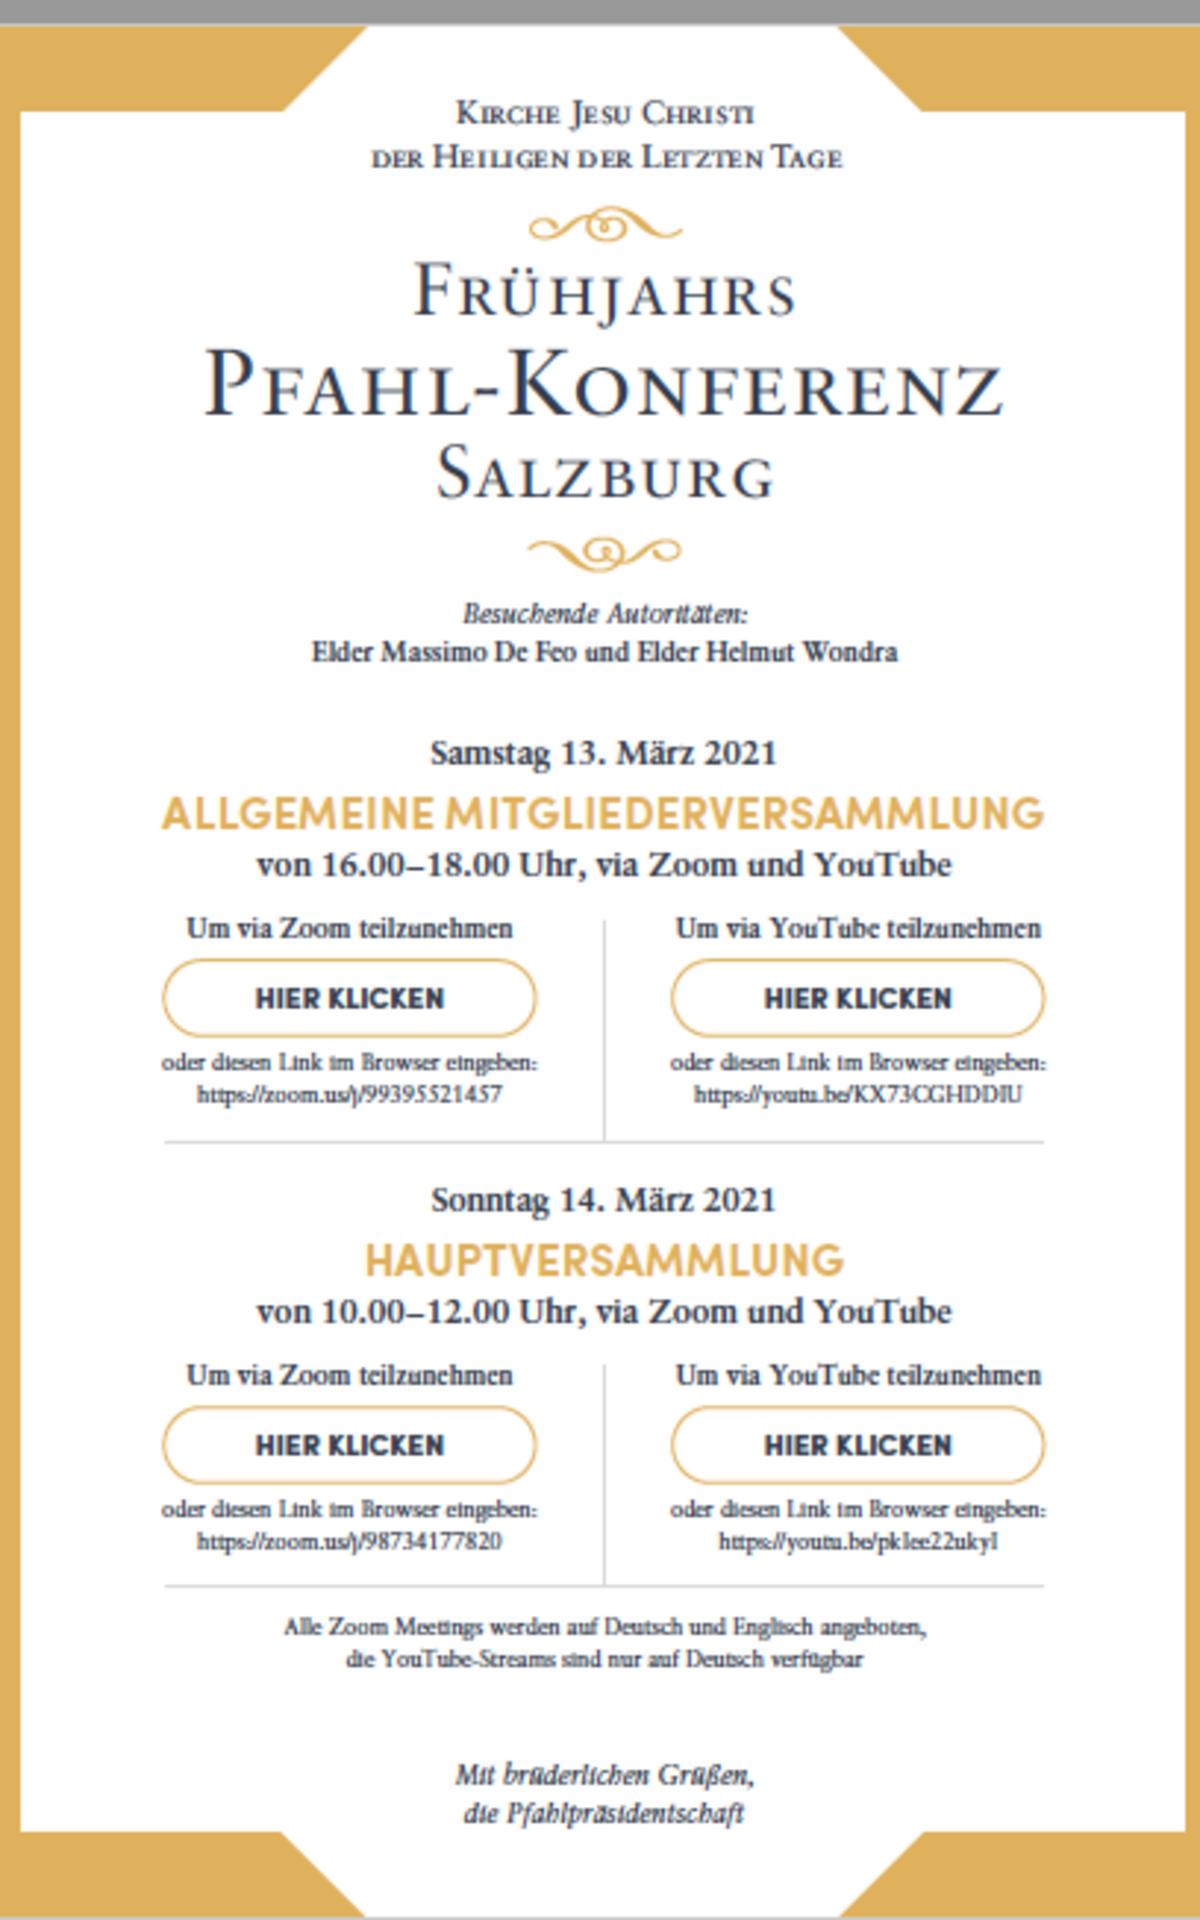 Einladung zur Pfahlkonferenz Frühjahr 2021